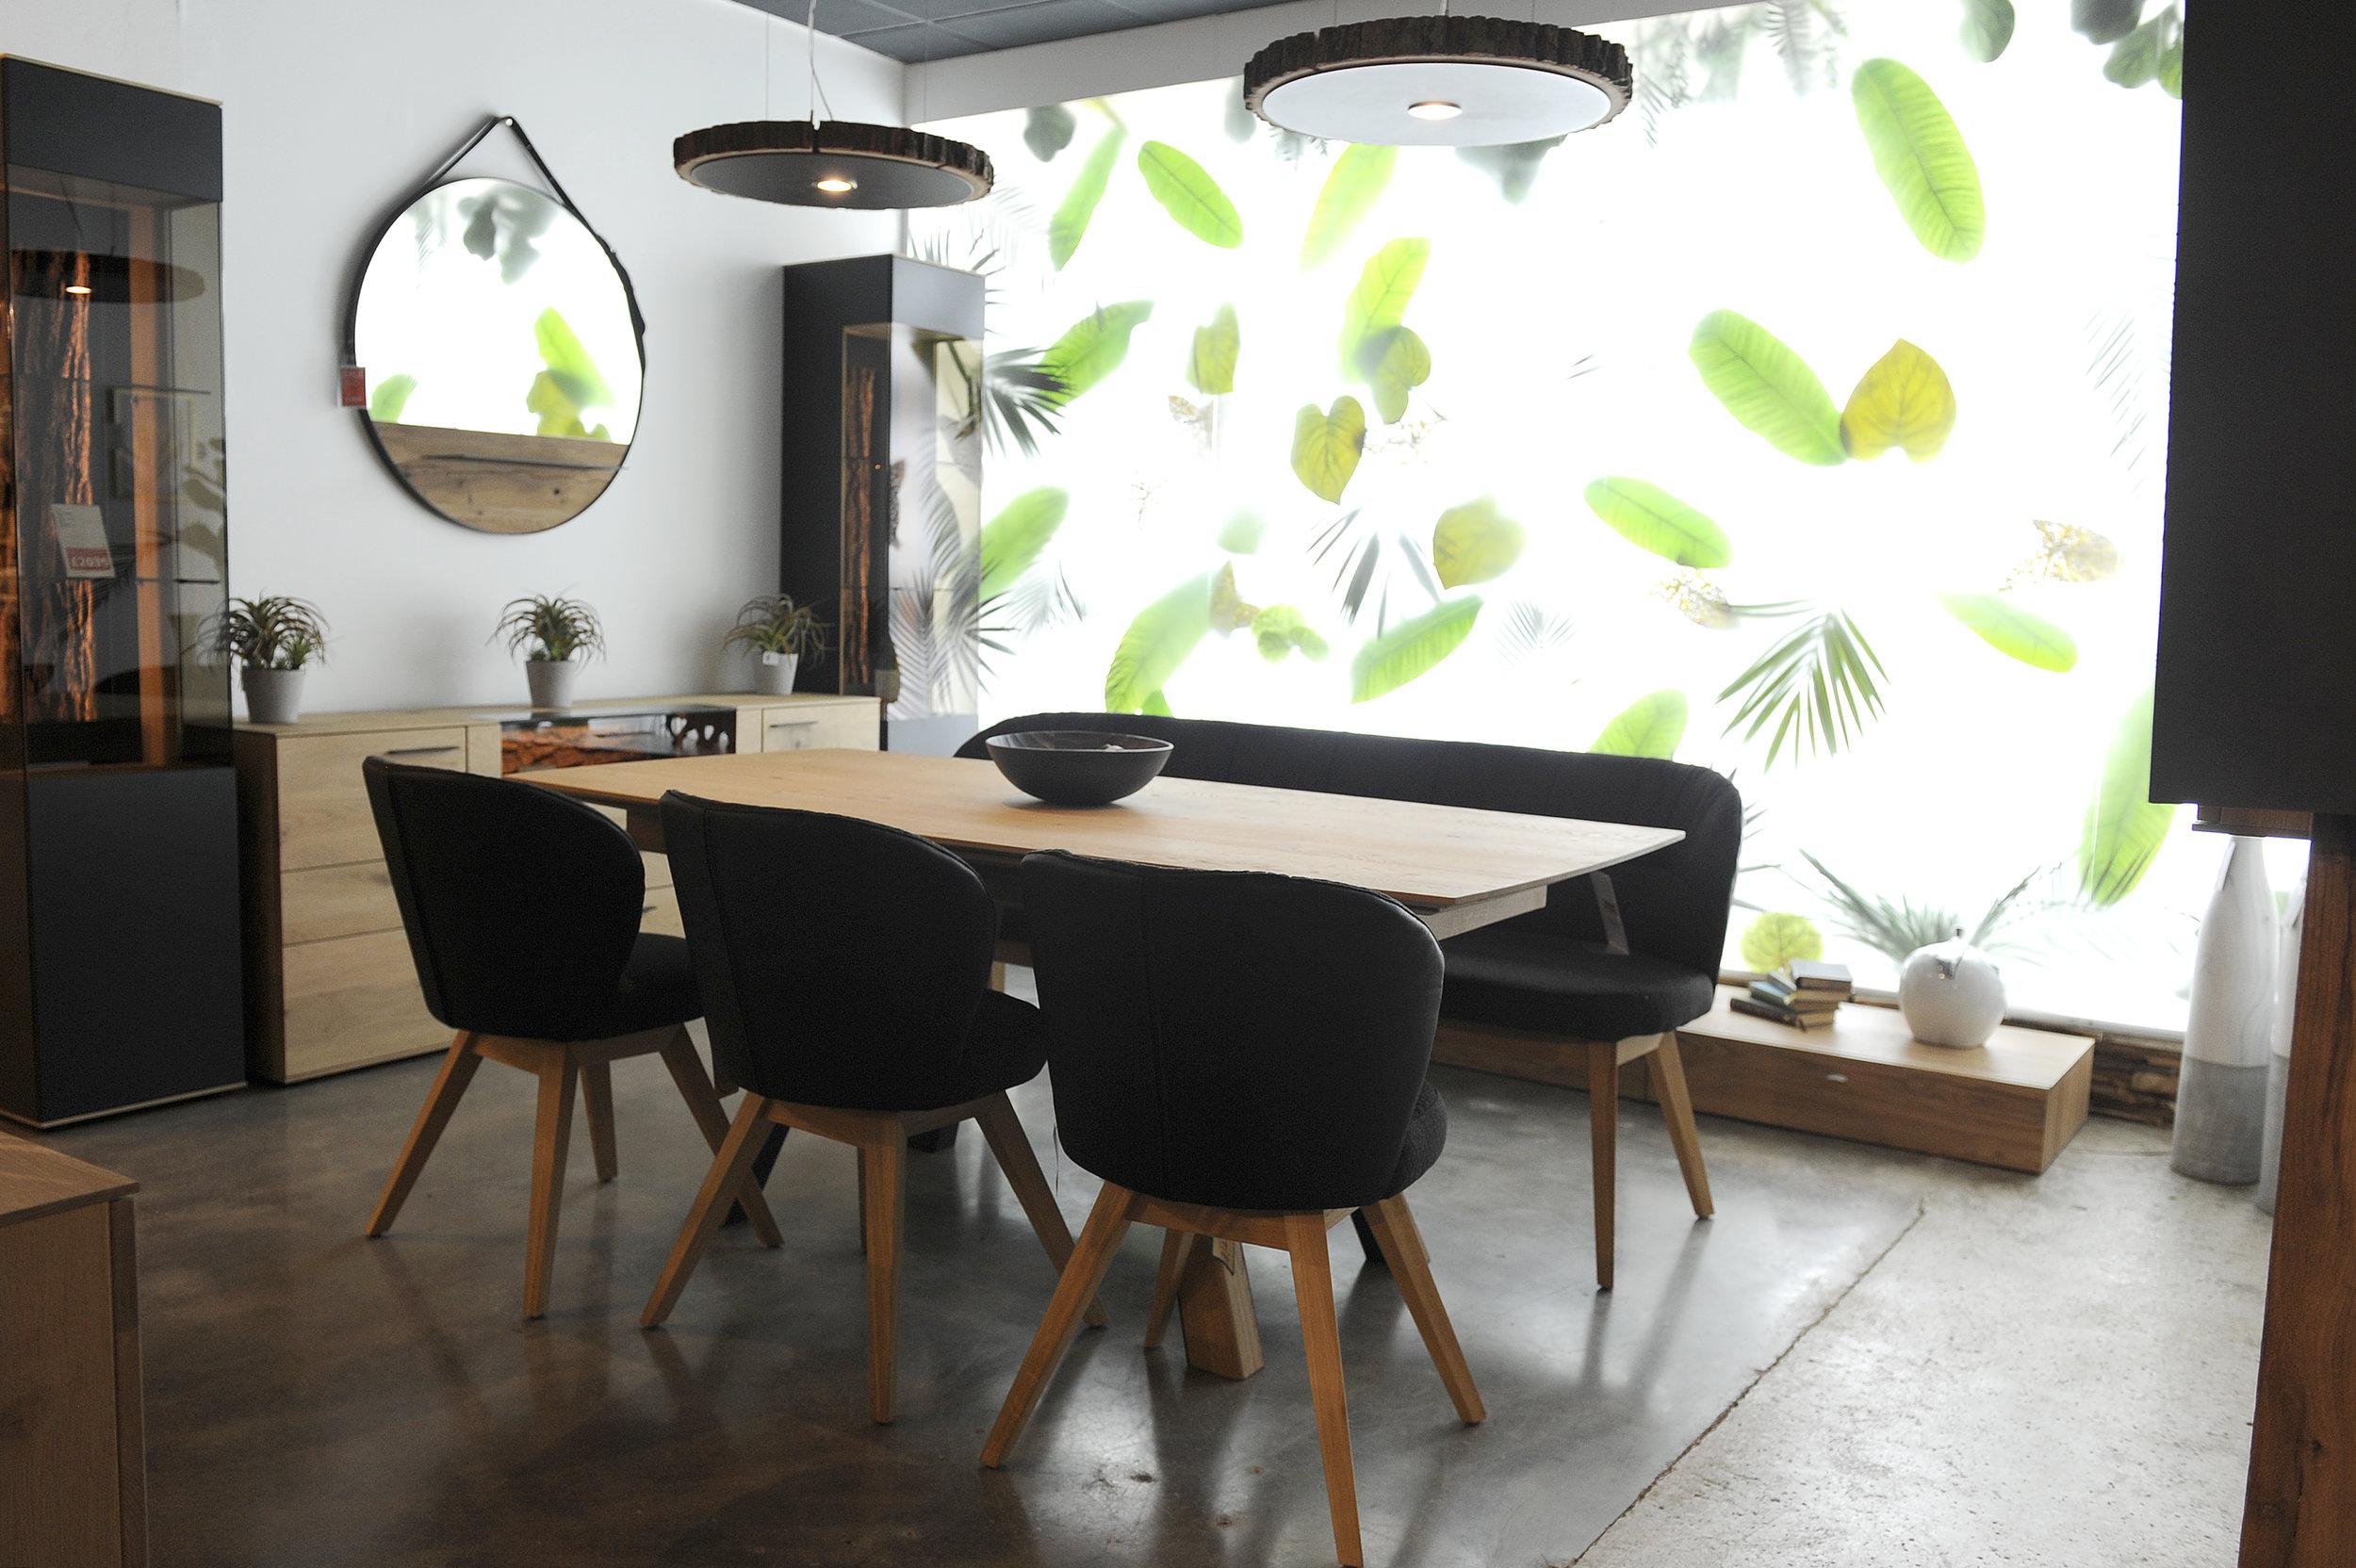 Stollers - Retail Interior Design - Cumbria, North West UK